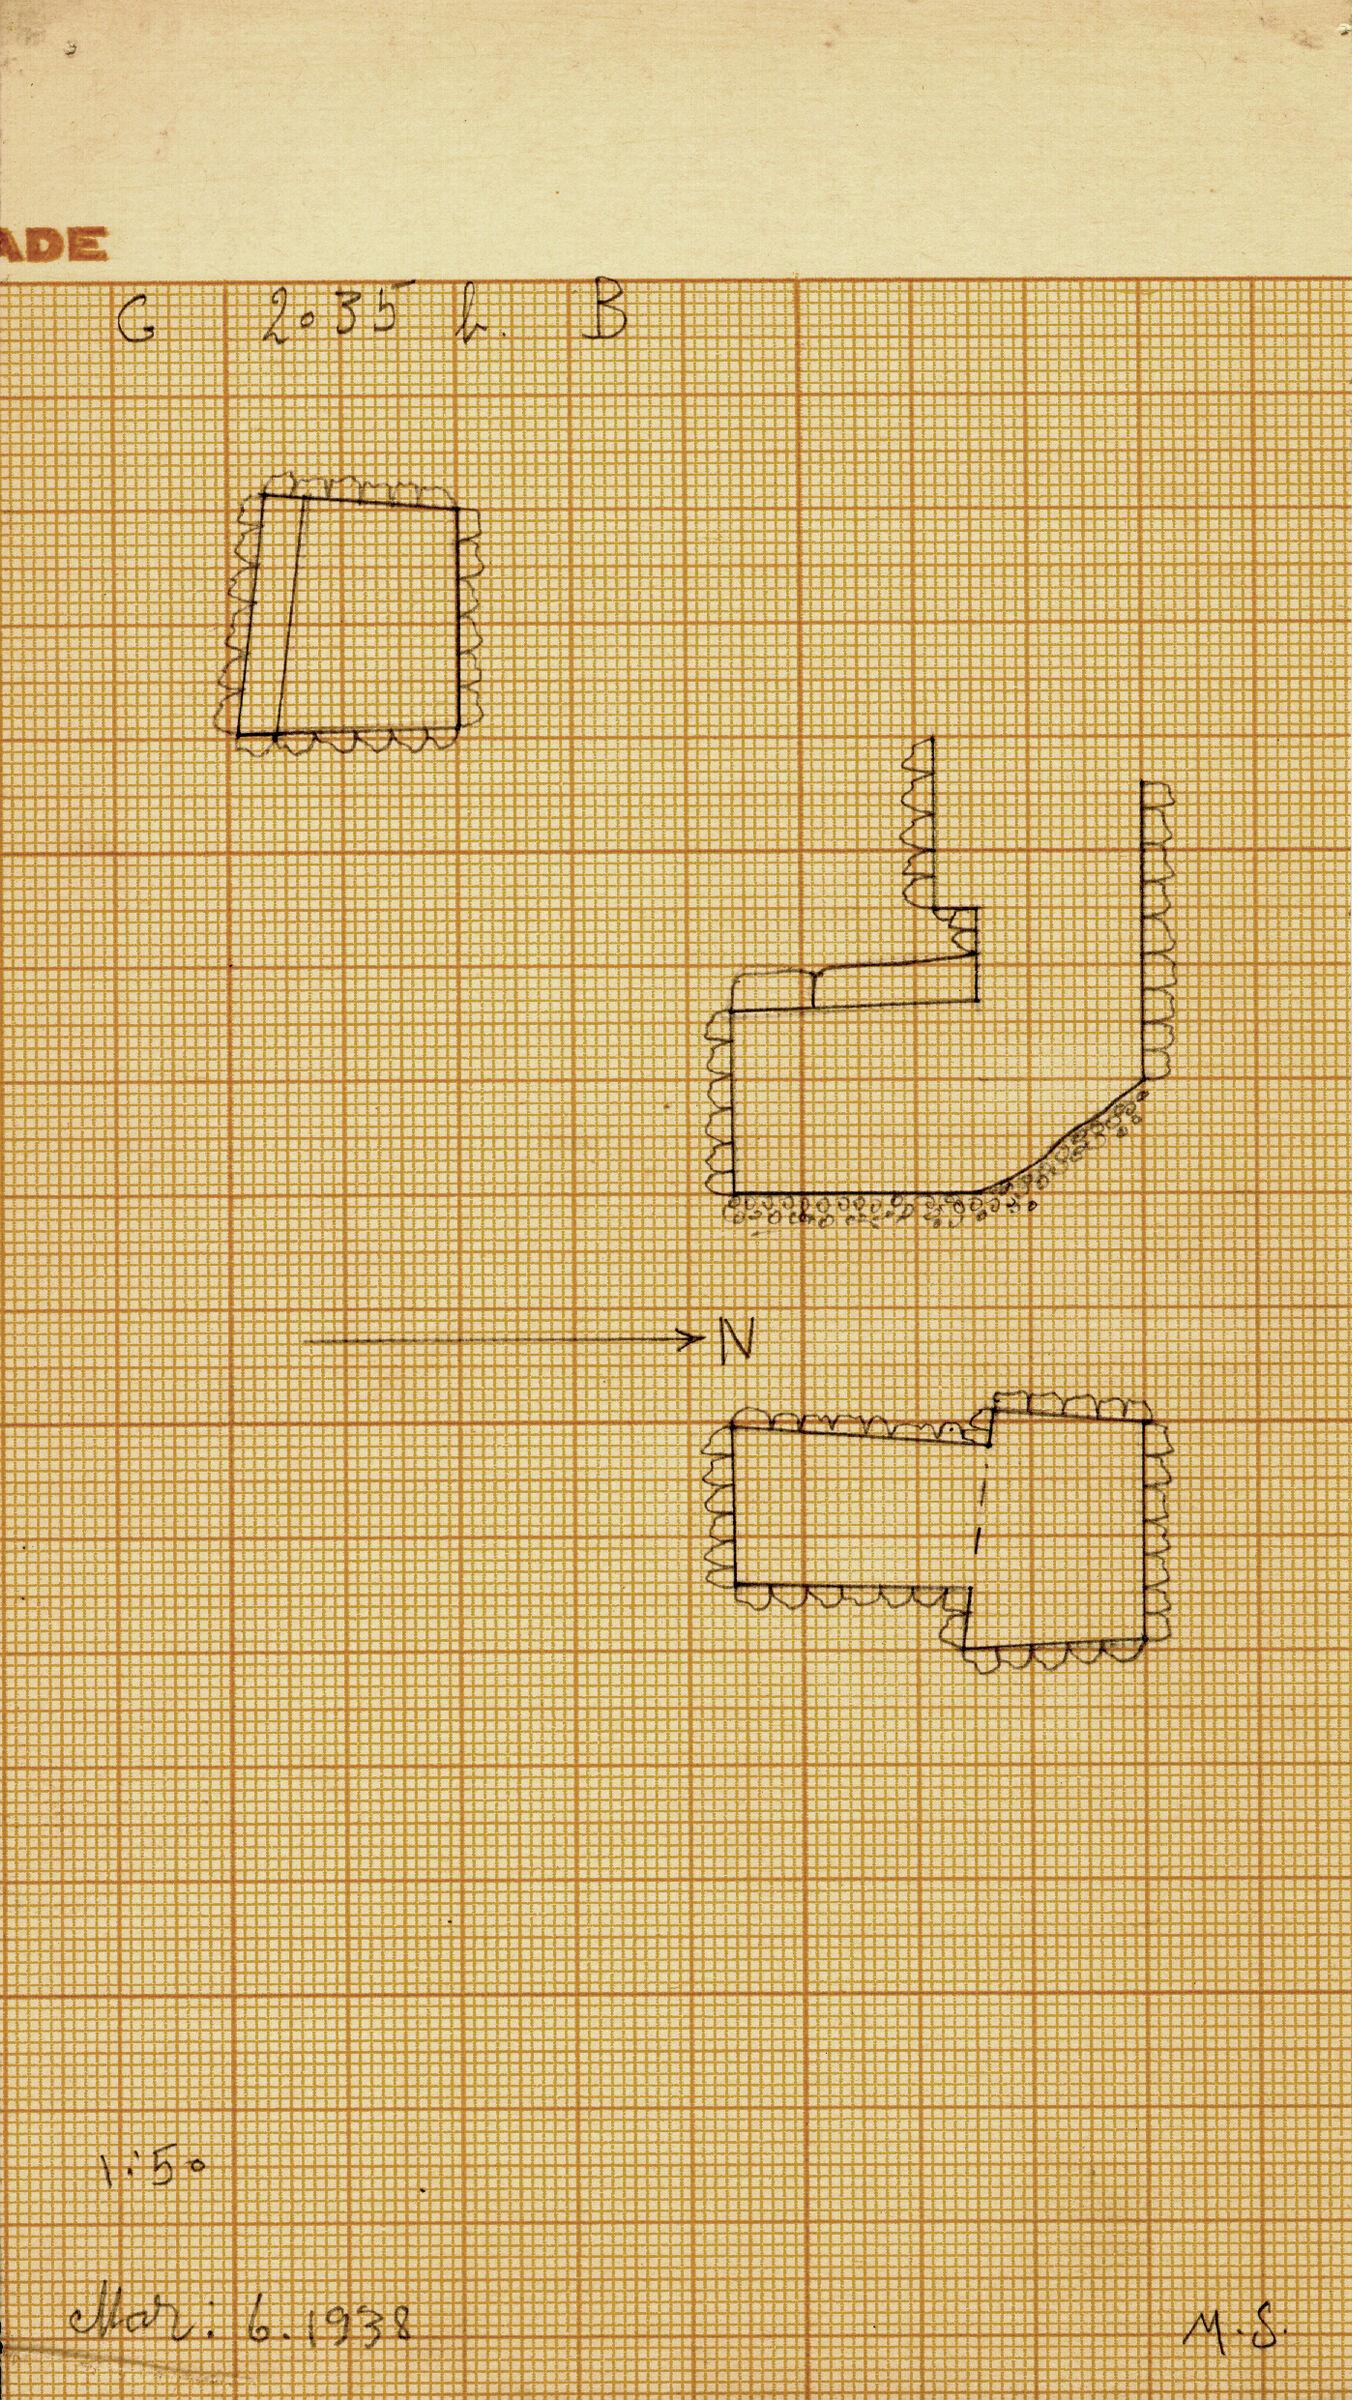 Maps and plans: G 2035b, Shaft B